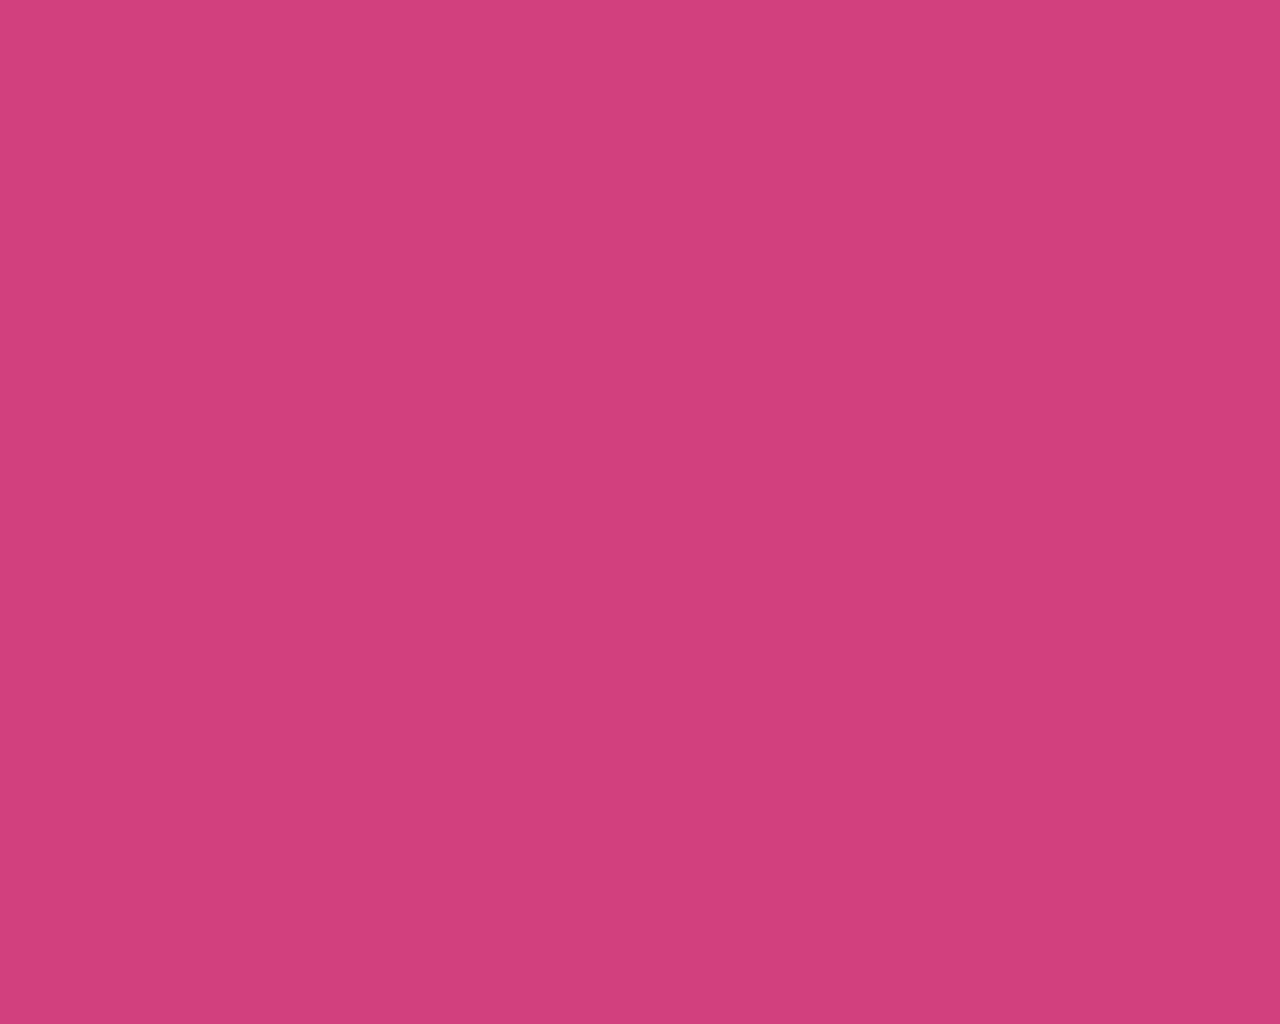 1280x1024 Magenta Pantone Solid Color Background